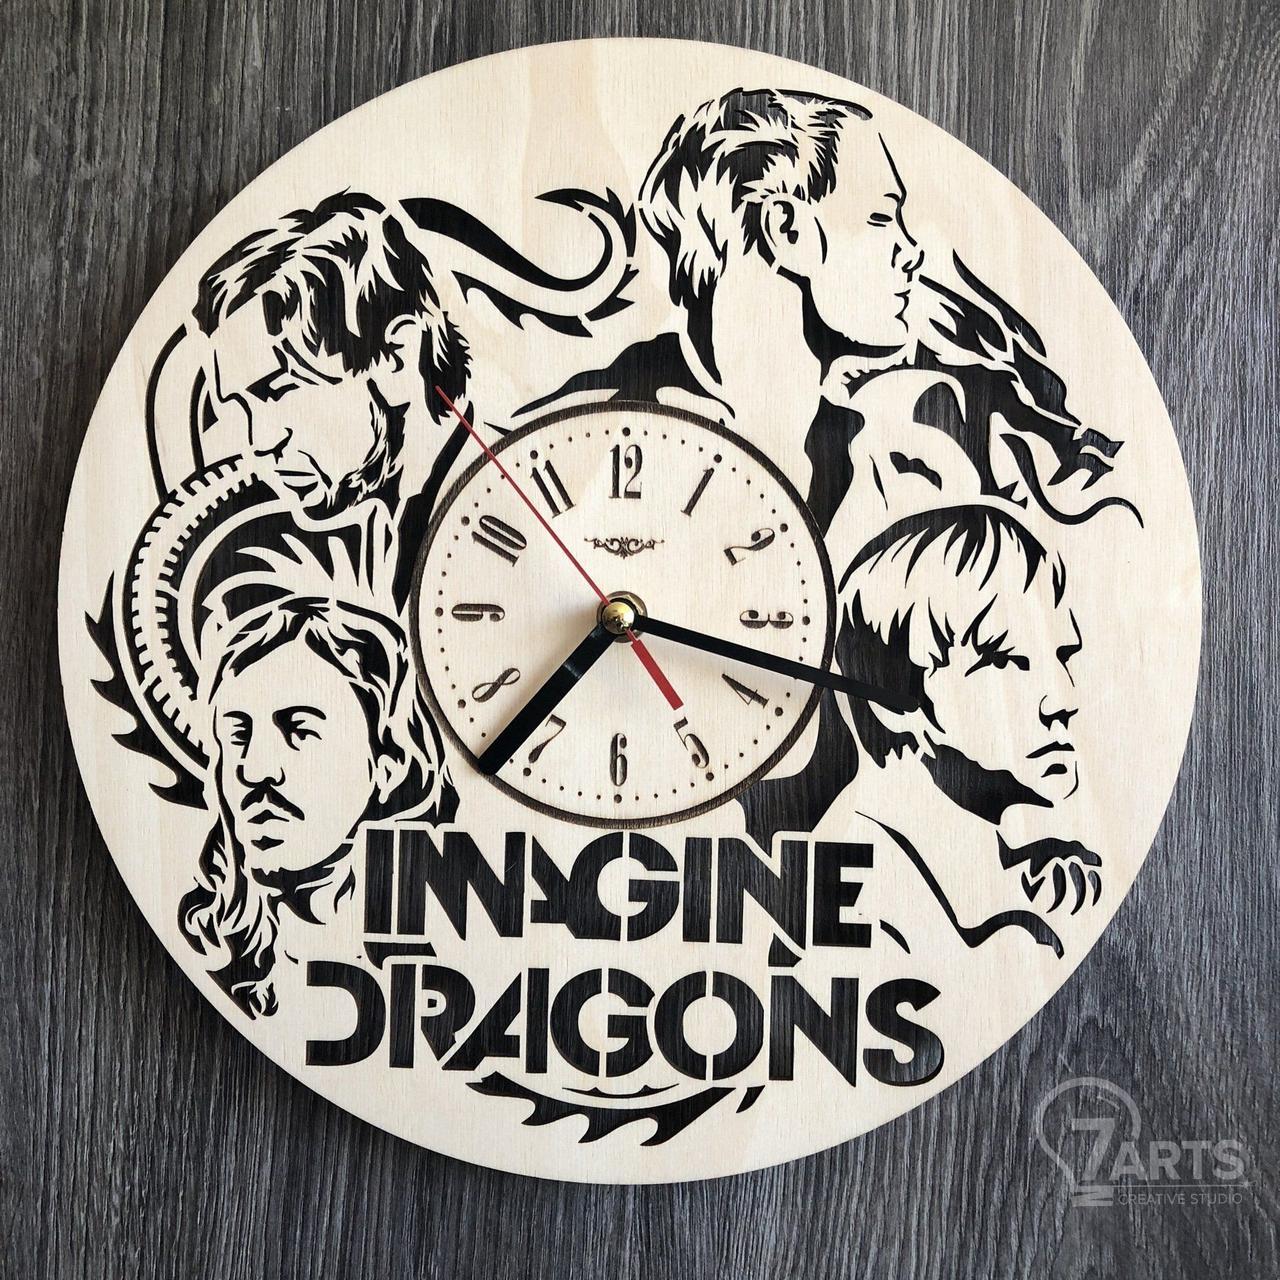 Концептуальные настенные часы в интерьер «Imagine Dragons»